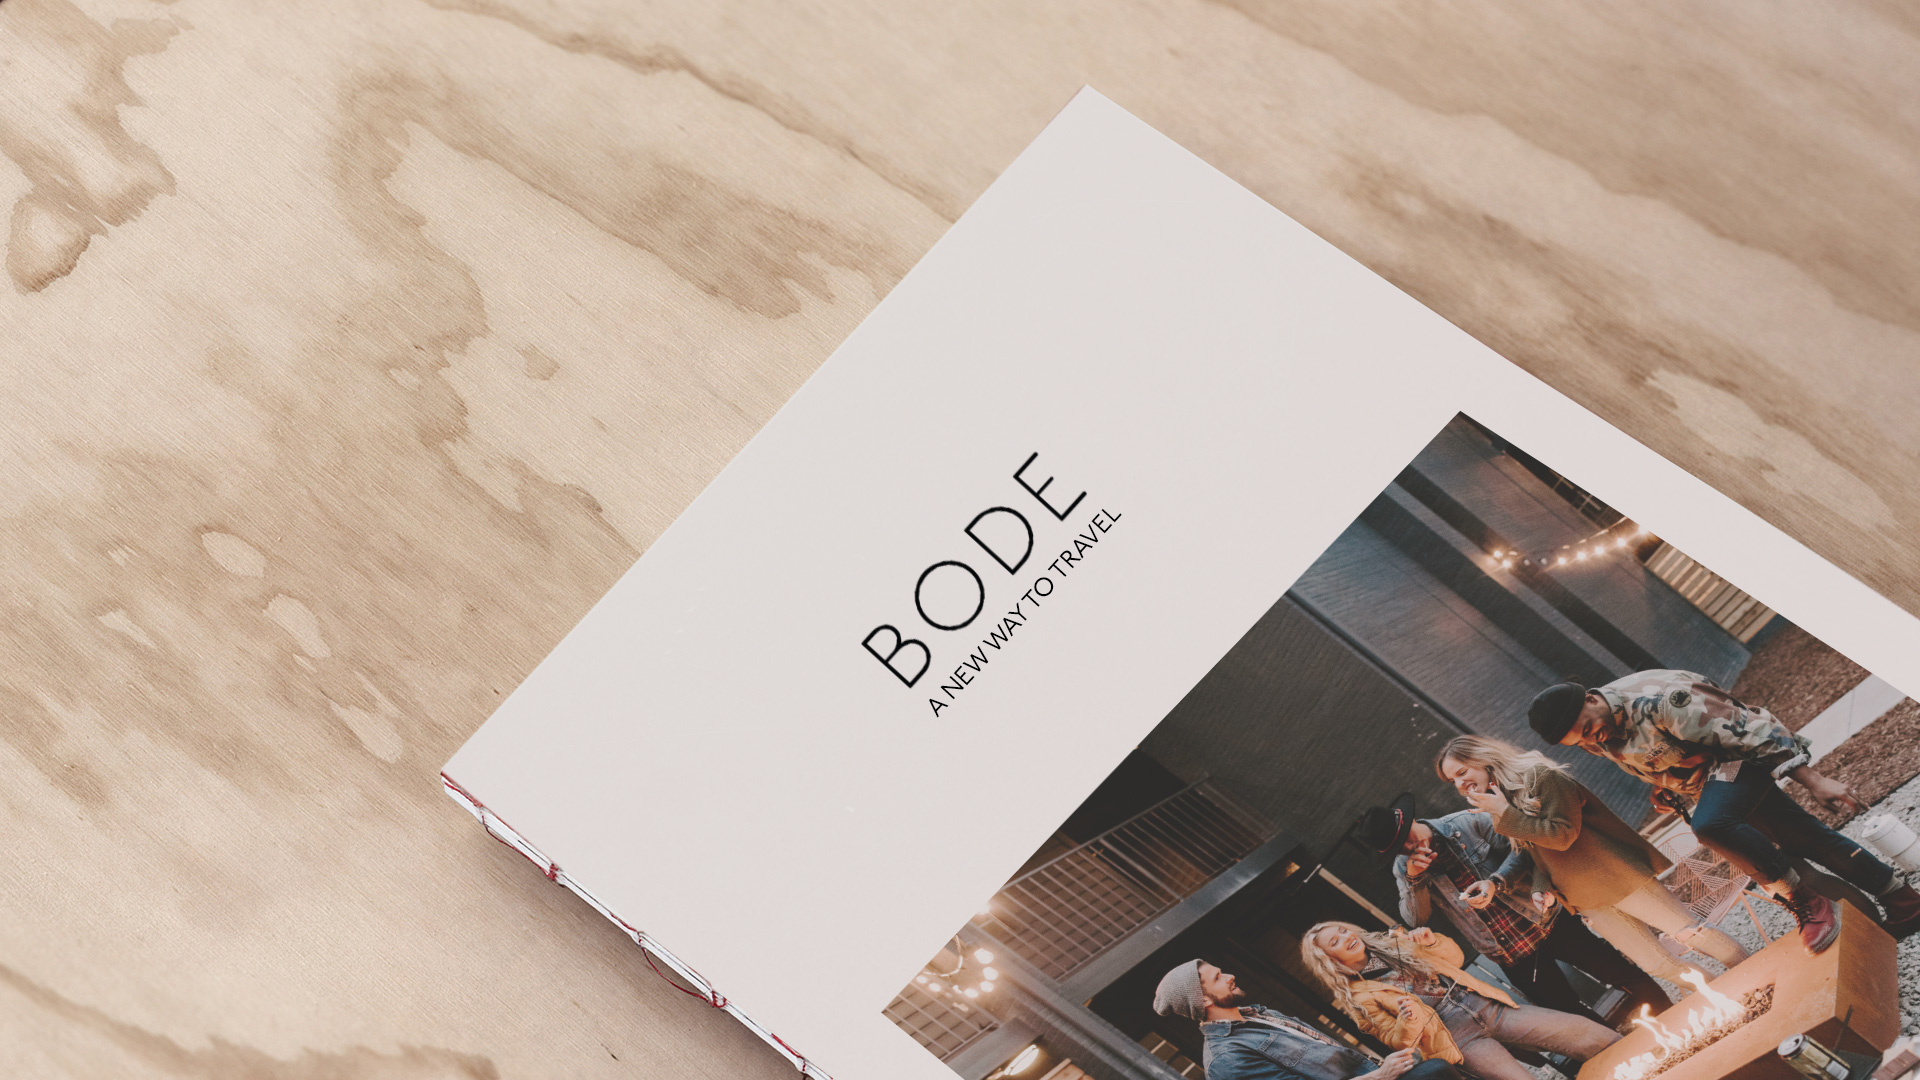 Bode_logo.jpg